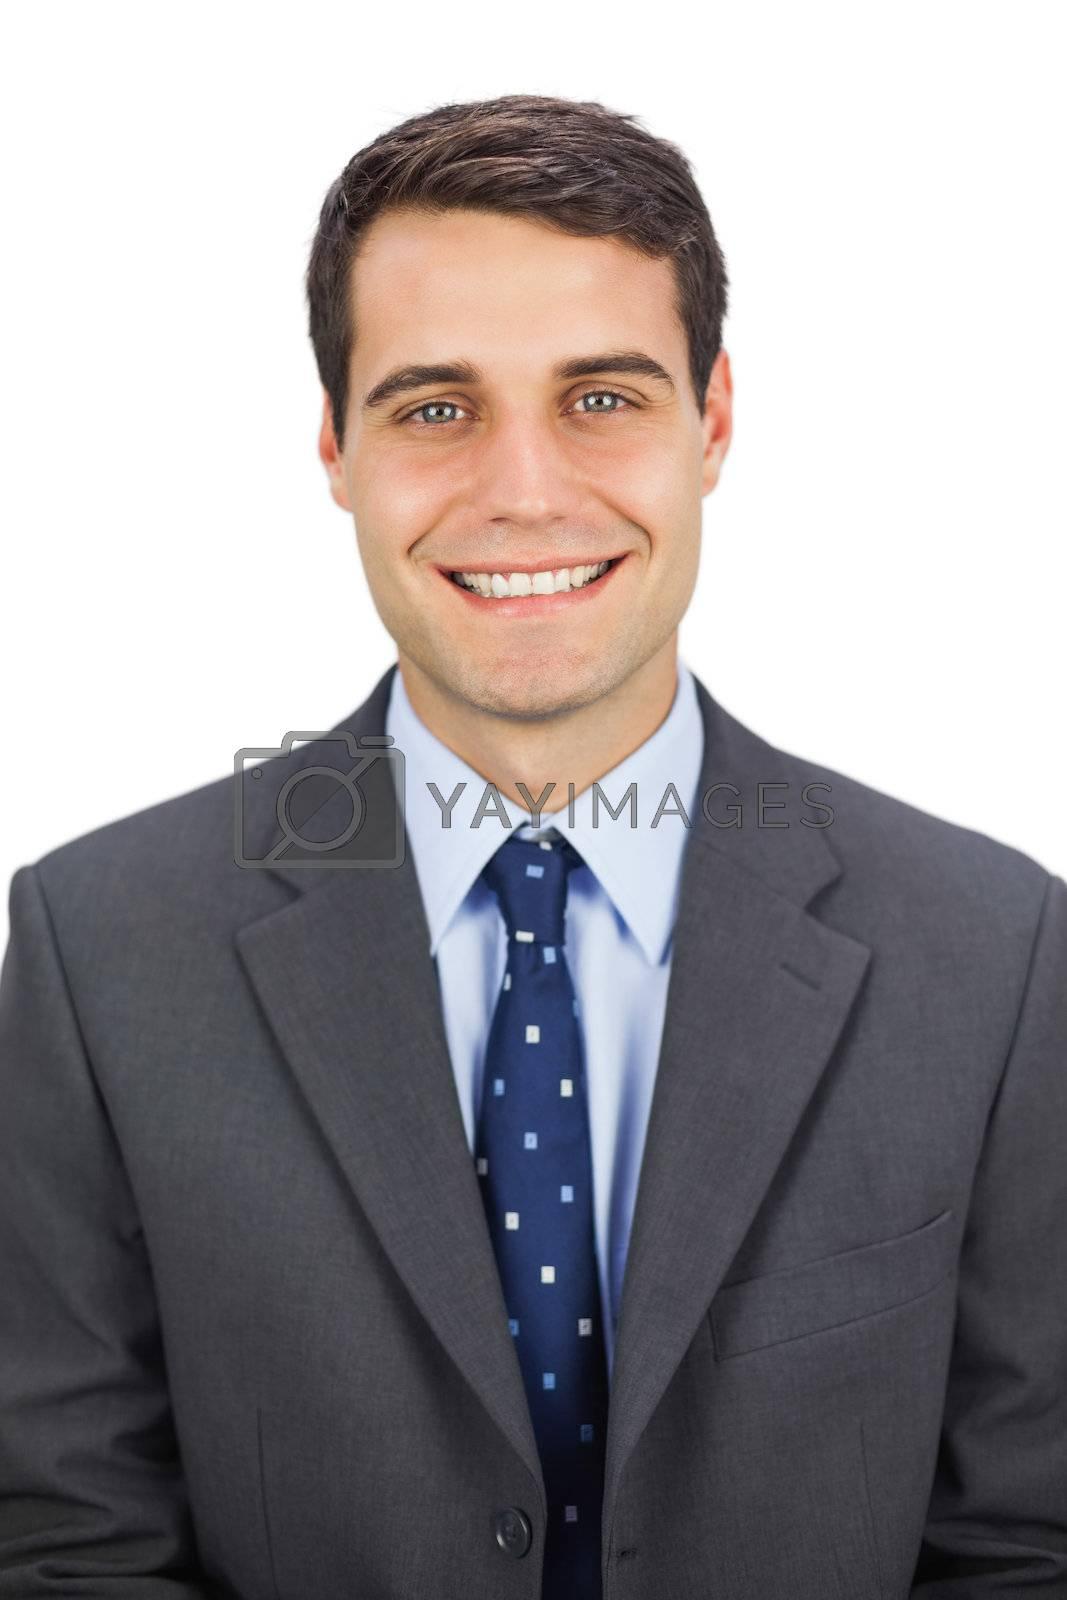 Smiling businessman looking  by Wavebreakmedia